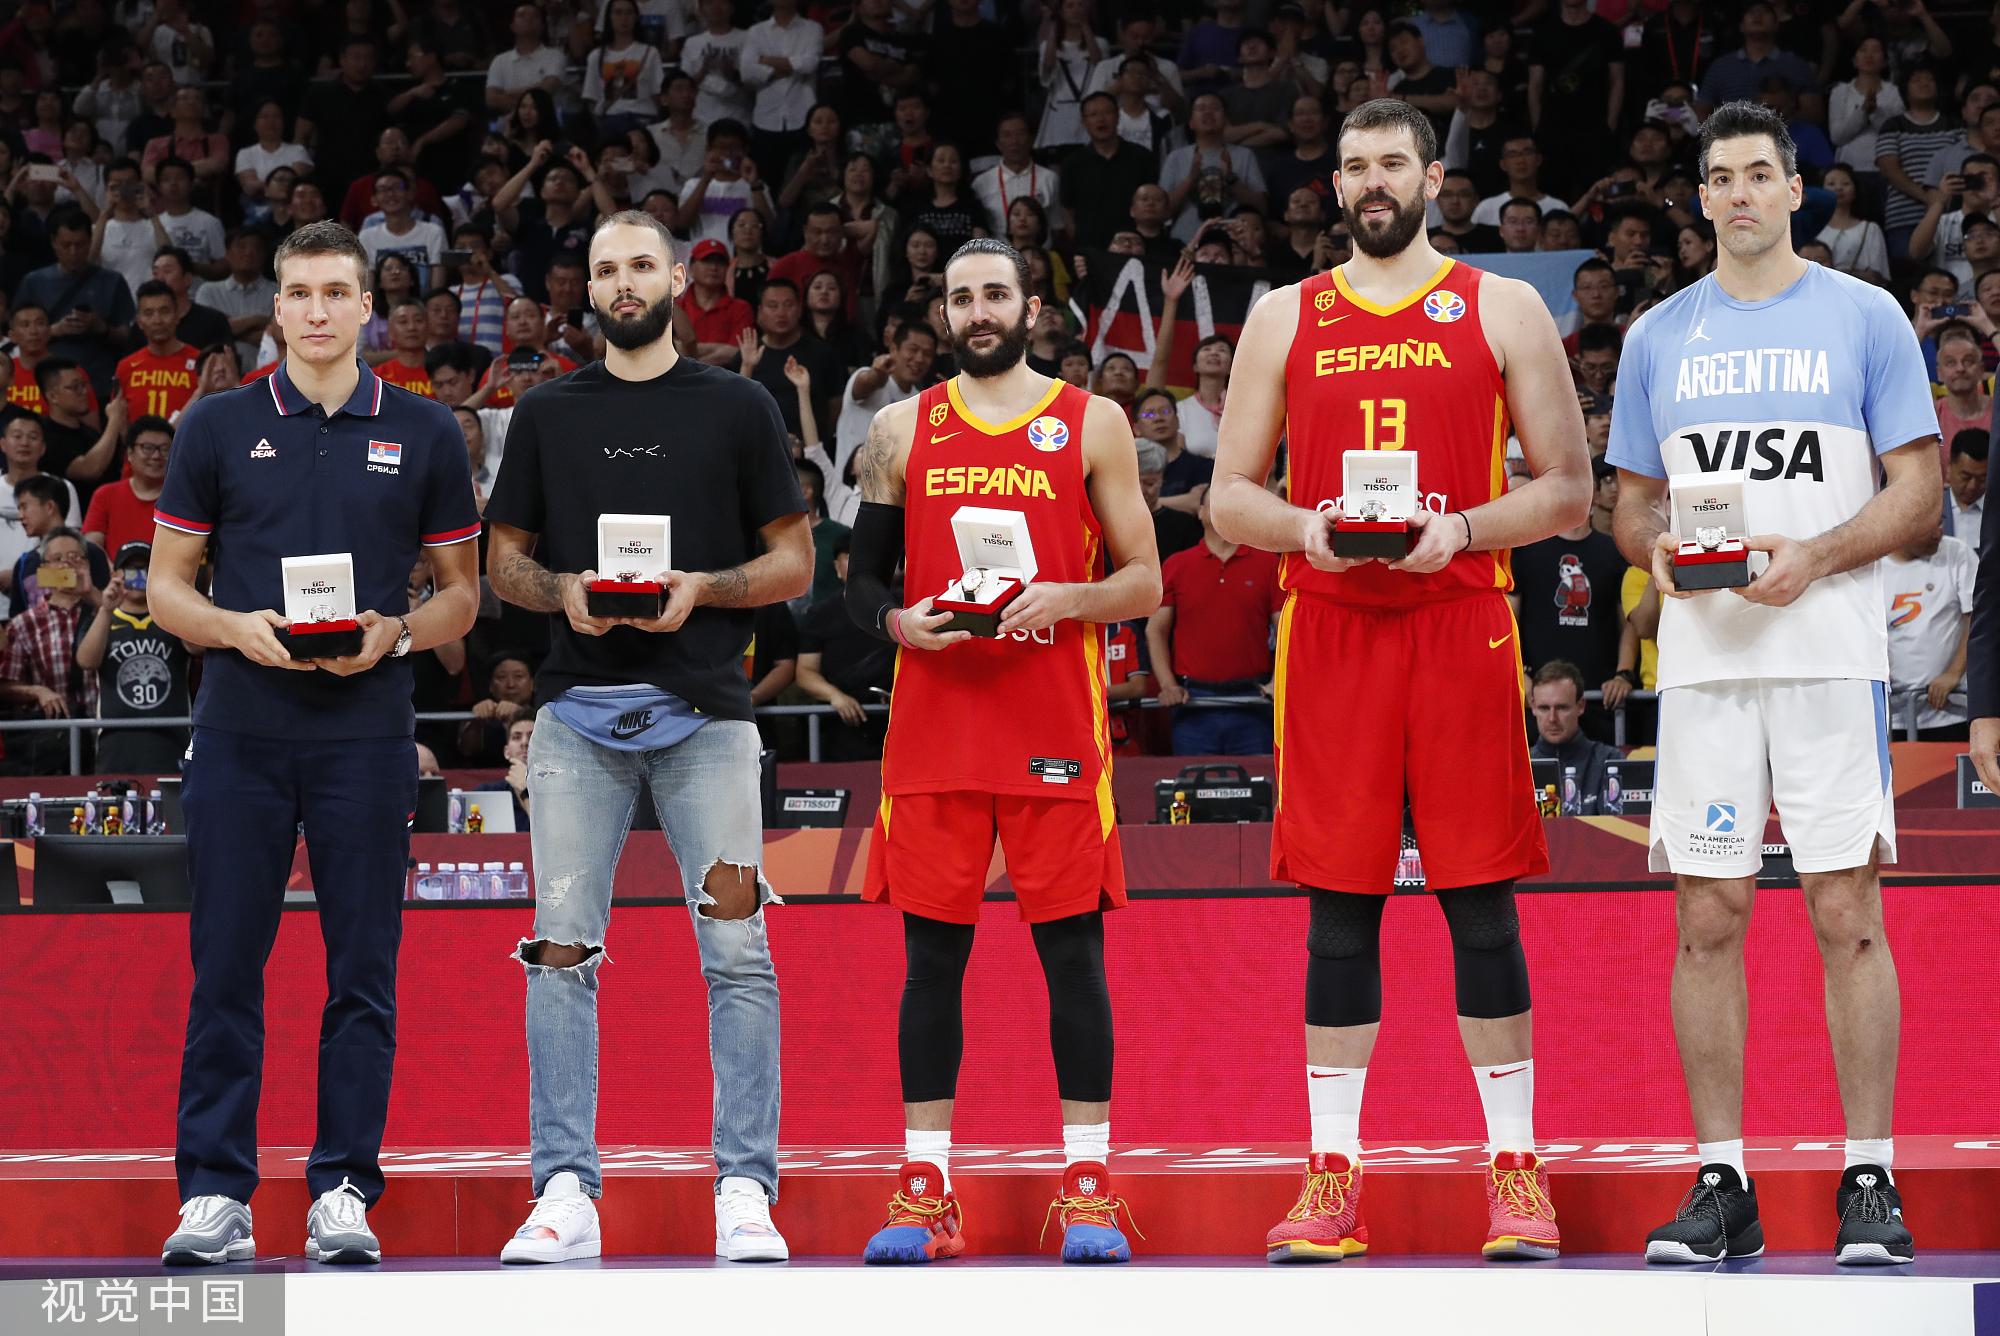 2019篮球世界杯最佳阵容:斯科拉入选西班牙两将